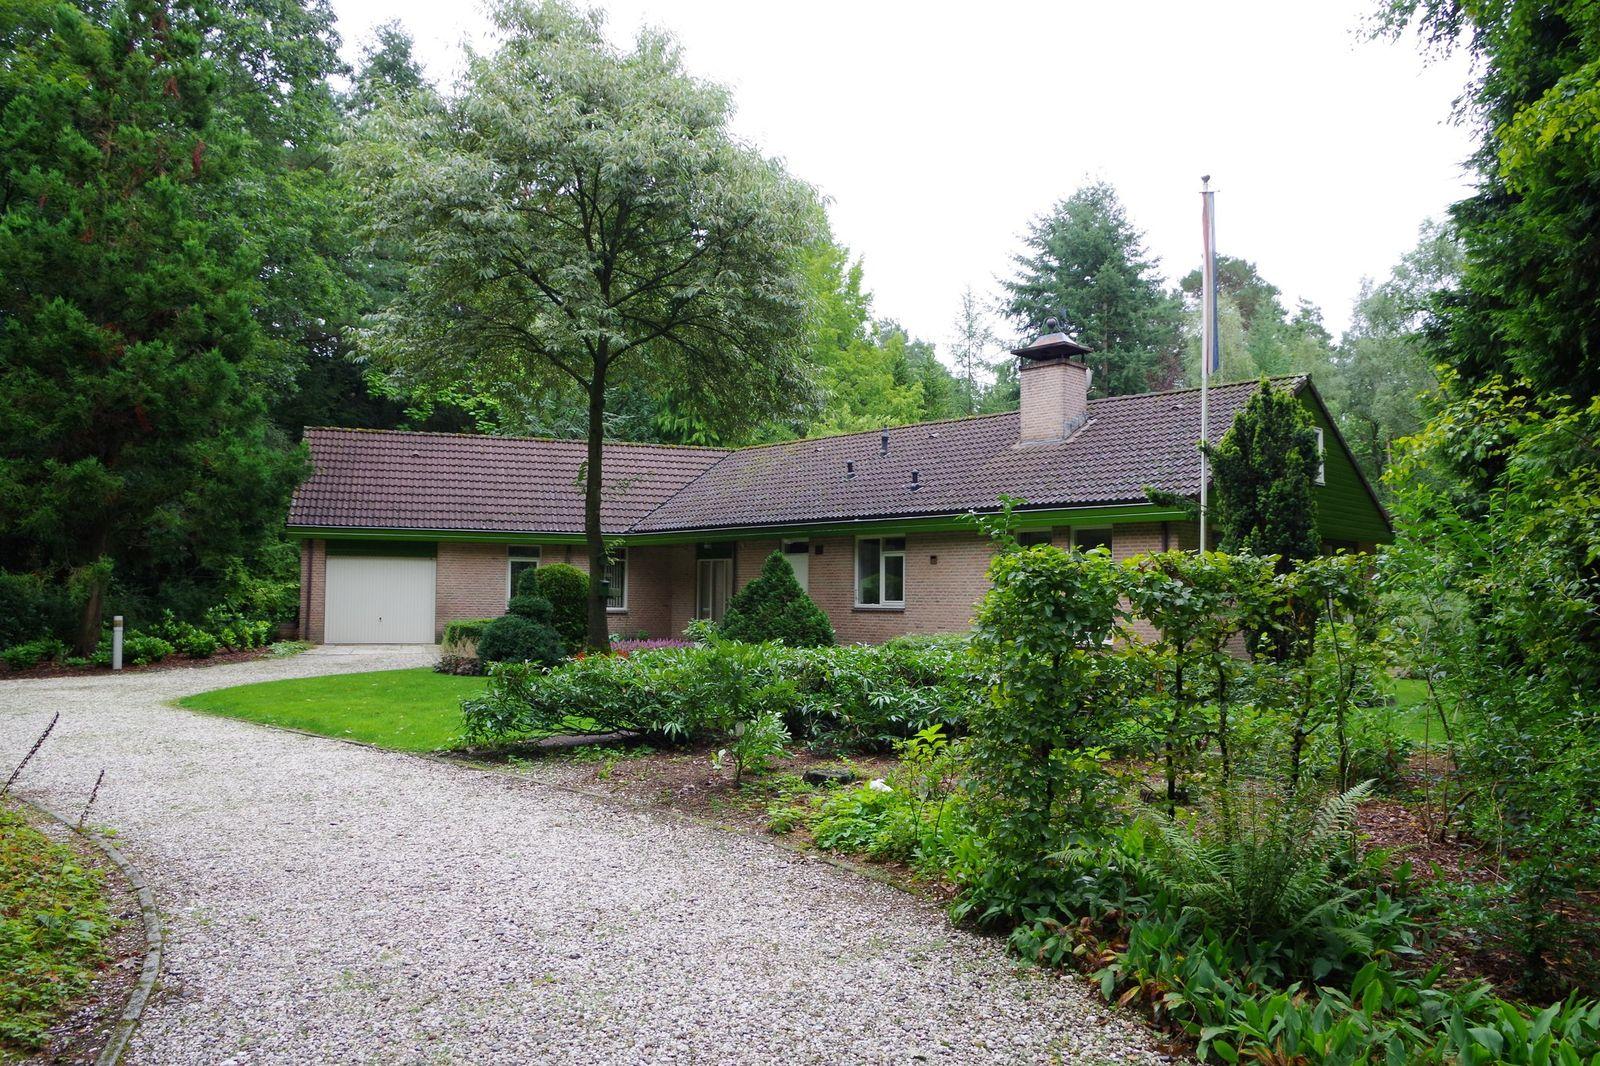 Brandsweg 96, Hulshorst